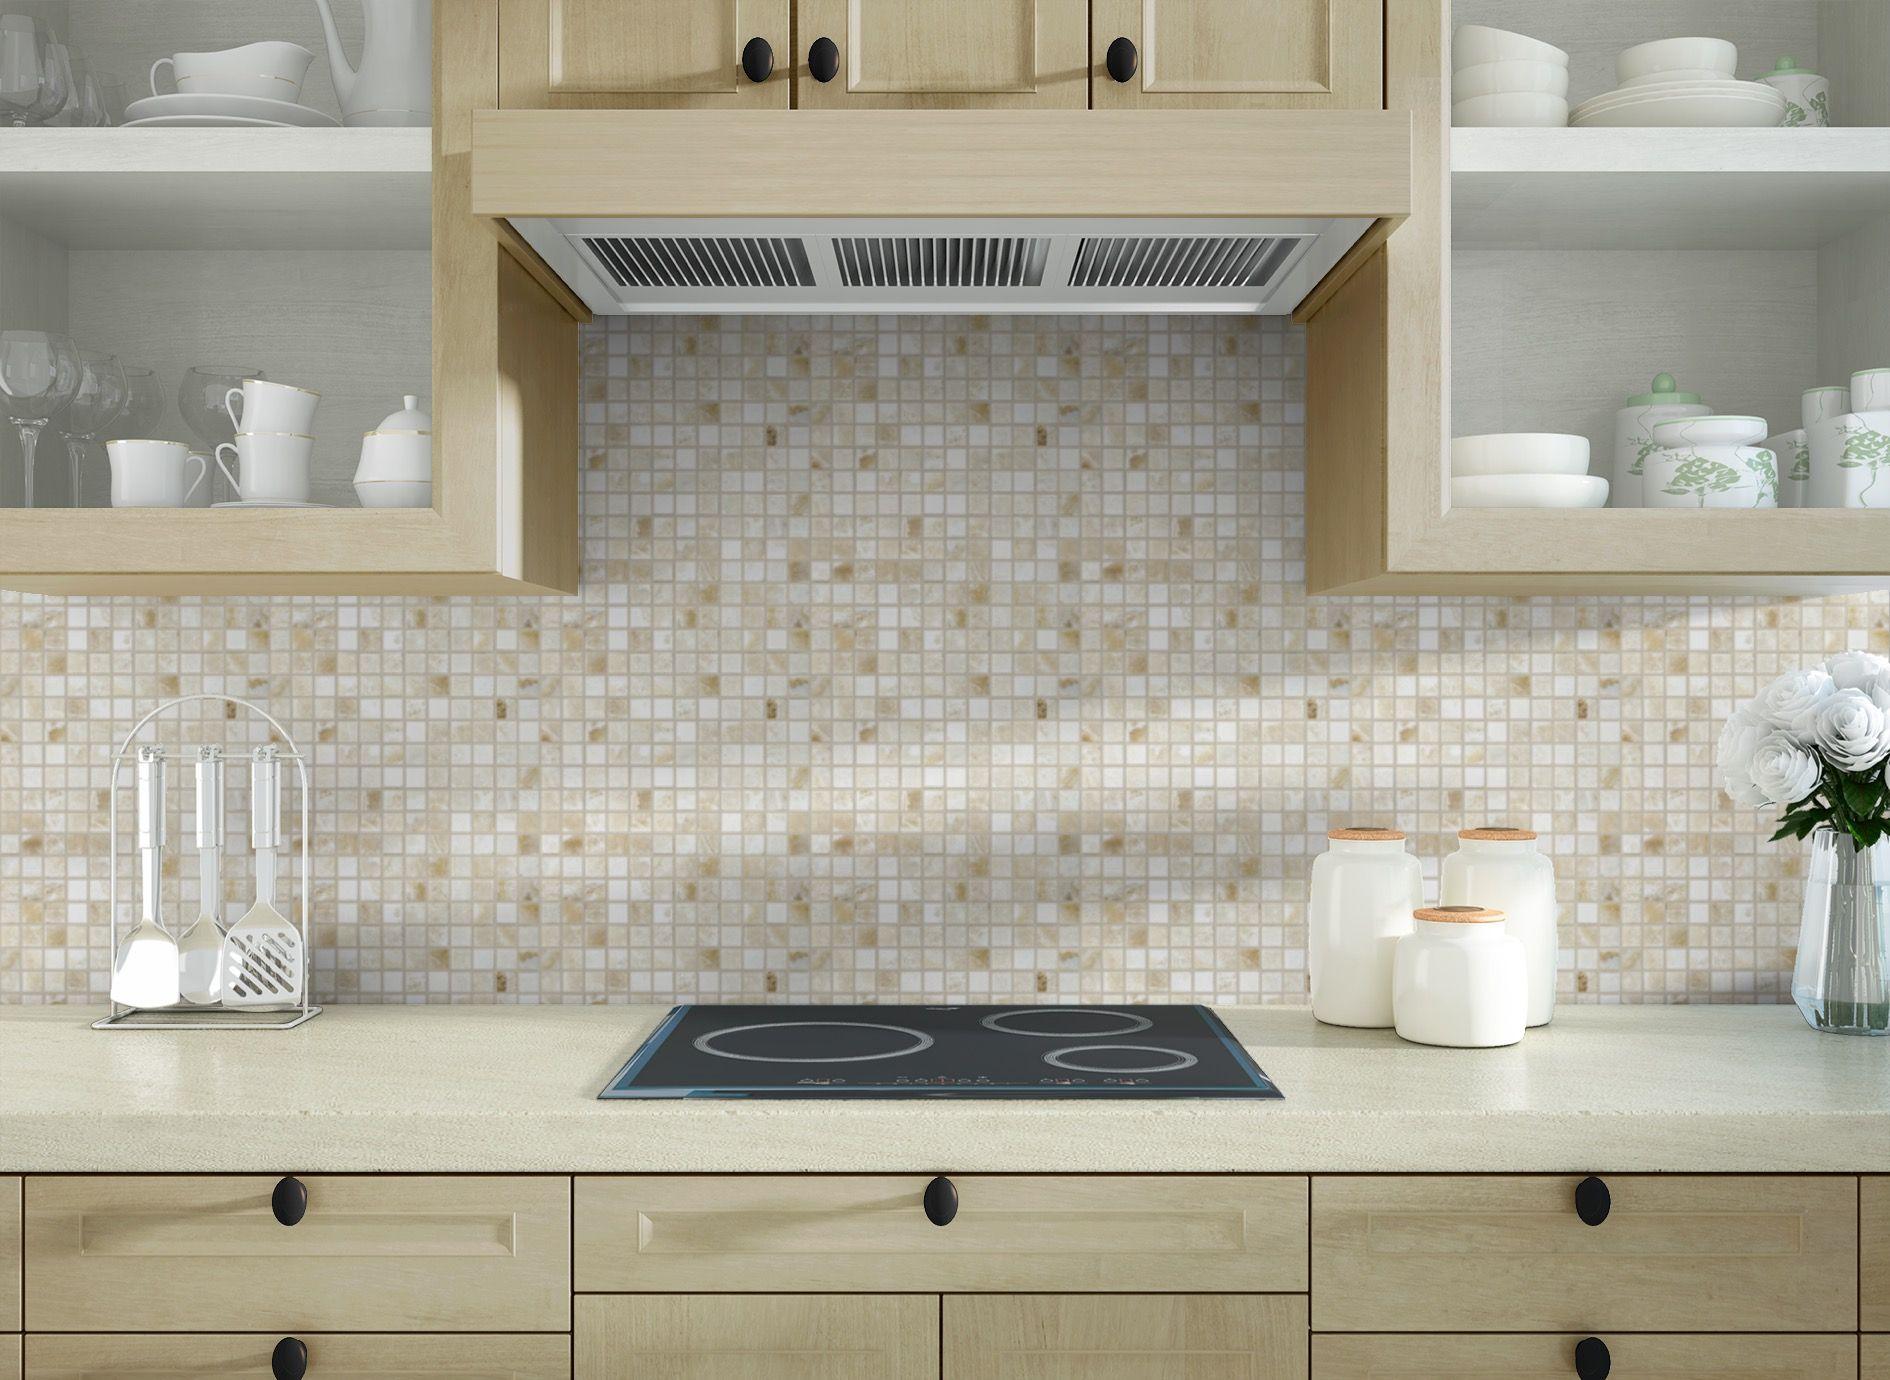 Arley onyx mosaic backsplash created on the arley tile design app arley onyx mosaic backsplash created on the arley tile design app arley mosaictilebacksplash dailygadgetfo Images